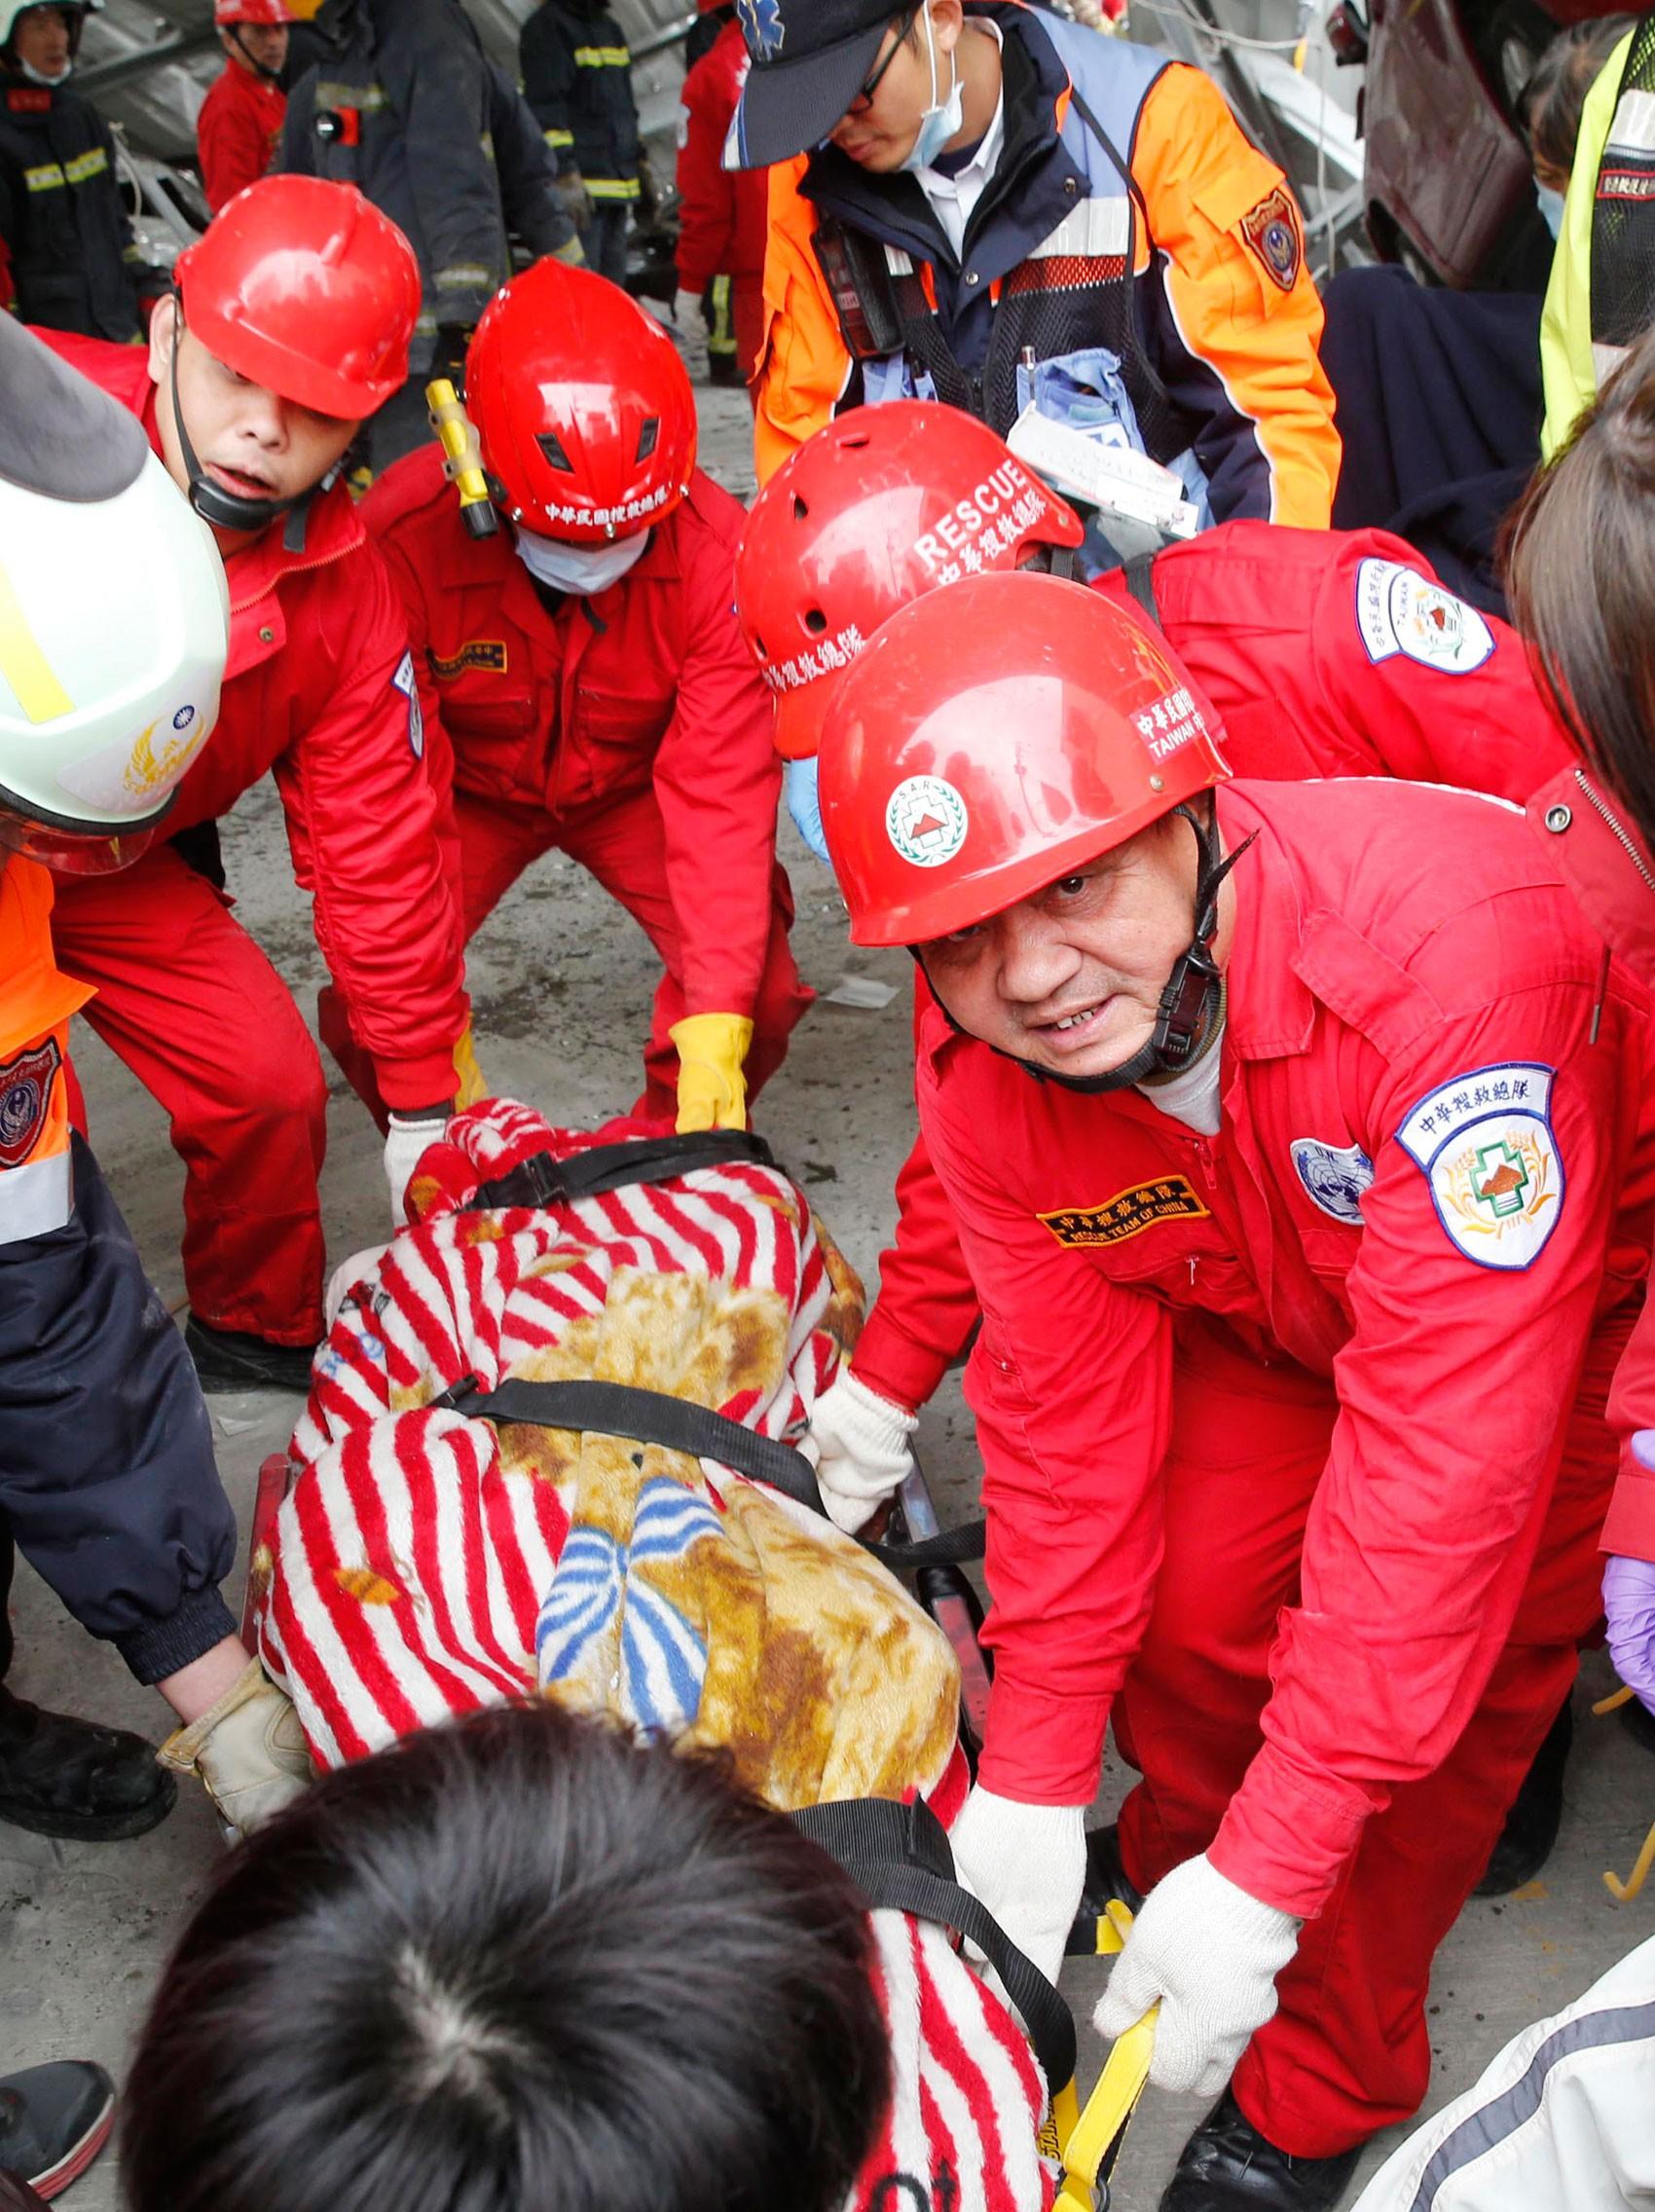 Socorristas retiram vítima de escombros em Taiwan (Foto: Ap)